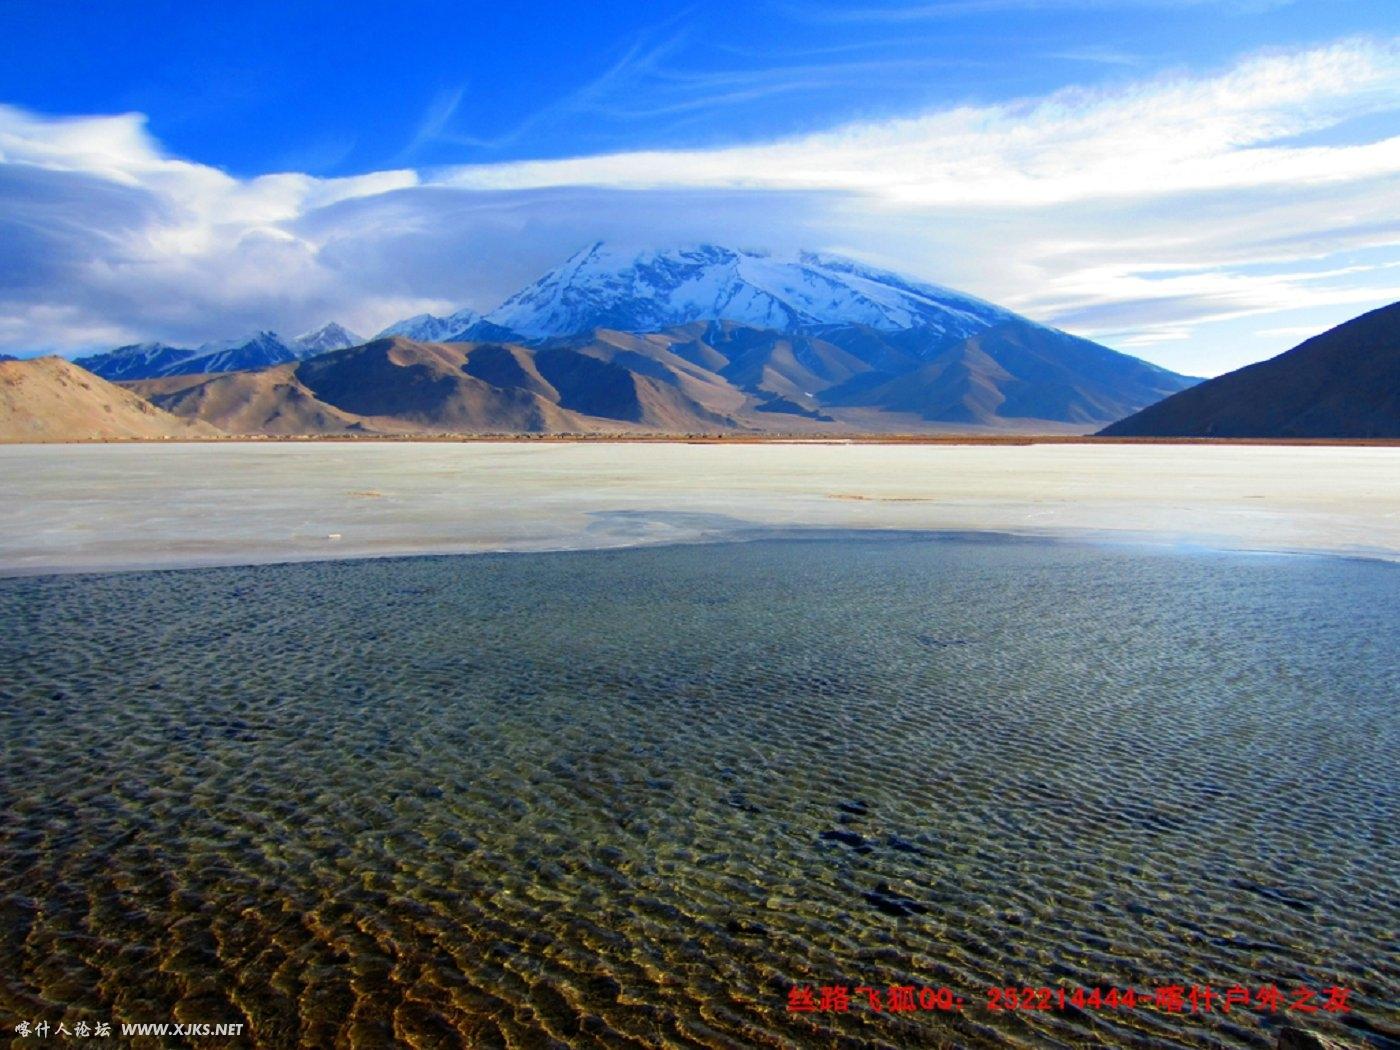 冬季的慕士塔格峰与卡拉库里湖.jpg